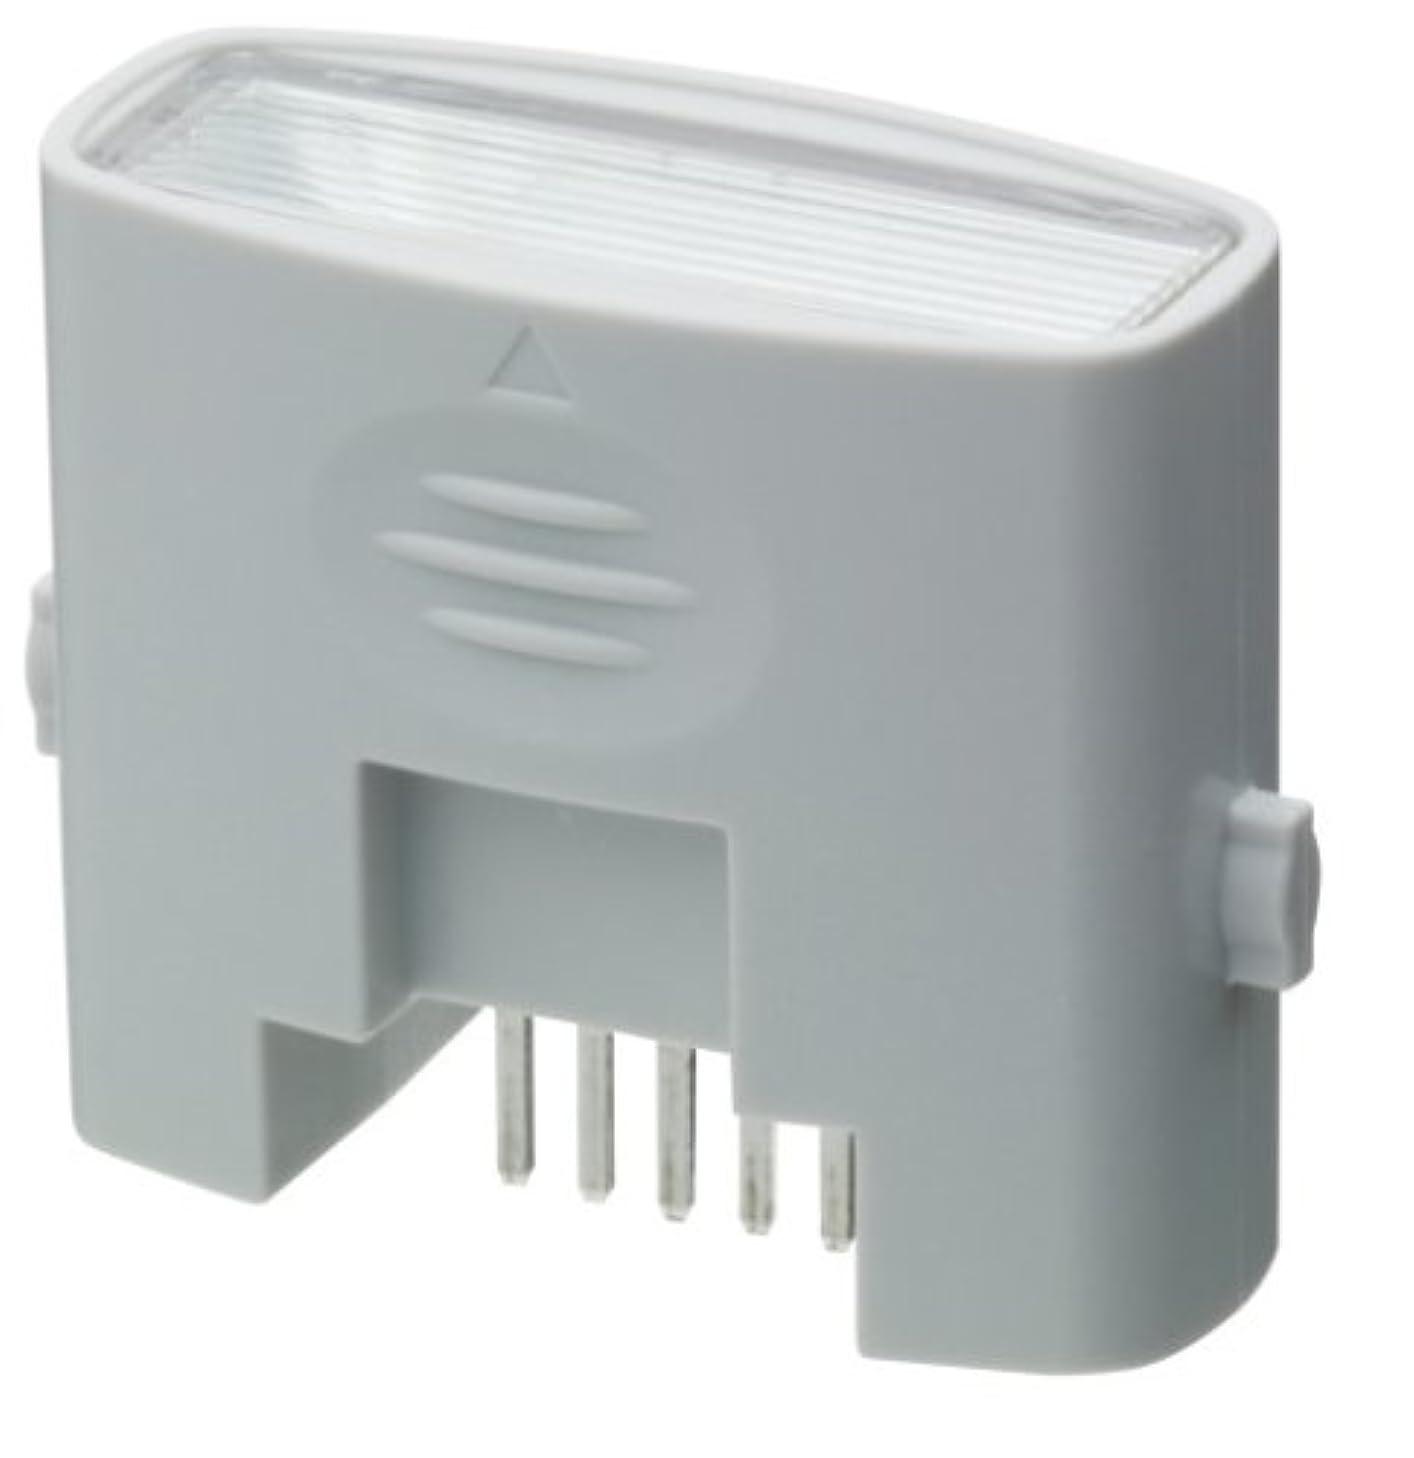 ビート描く比類なきパナソニック 光エステ 交換用ランプカートリッジ ES-2W11